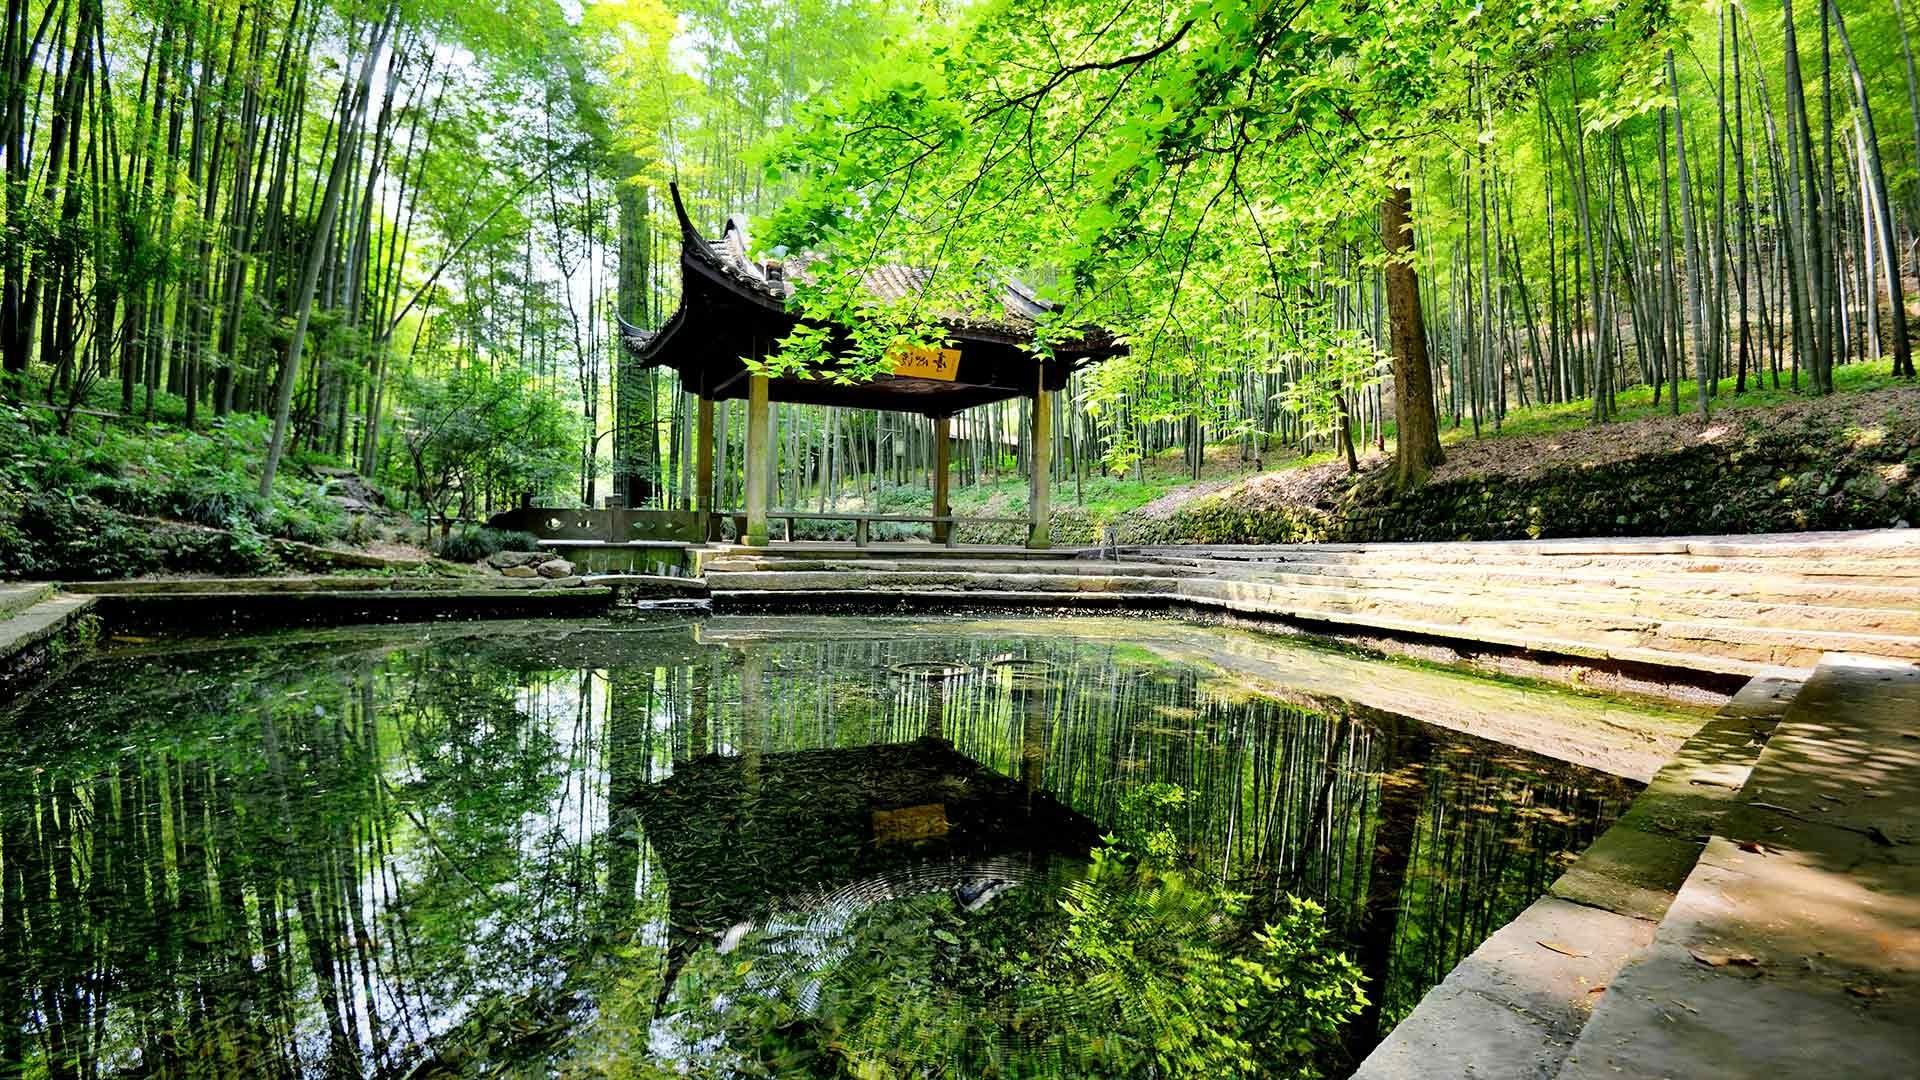 берегу картинки природа пруд камни бамбук высокие, отчасти оправдывают